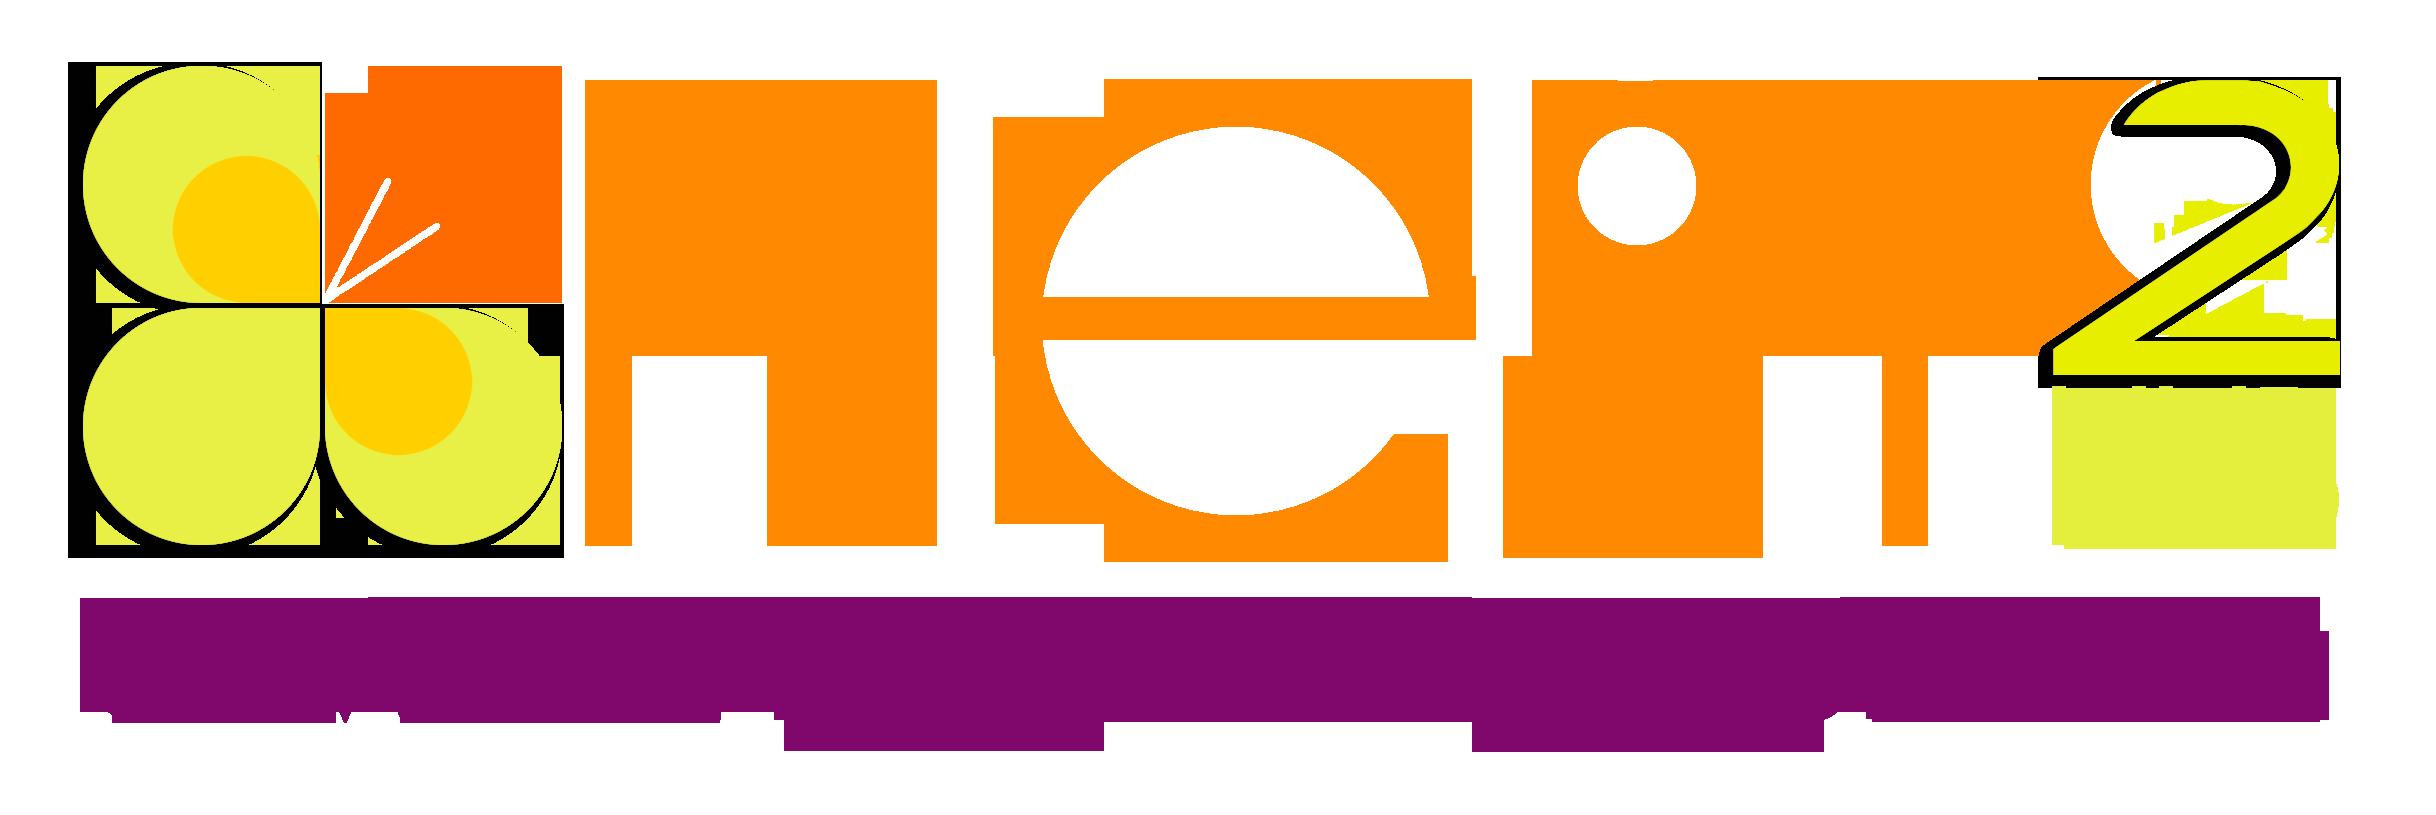 20/12 ore 17.30 a Pisa: Incontro con imprenditori presso Nest2Hub